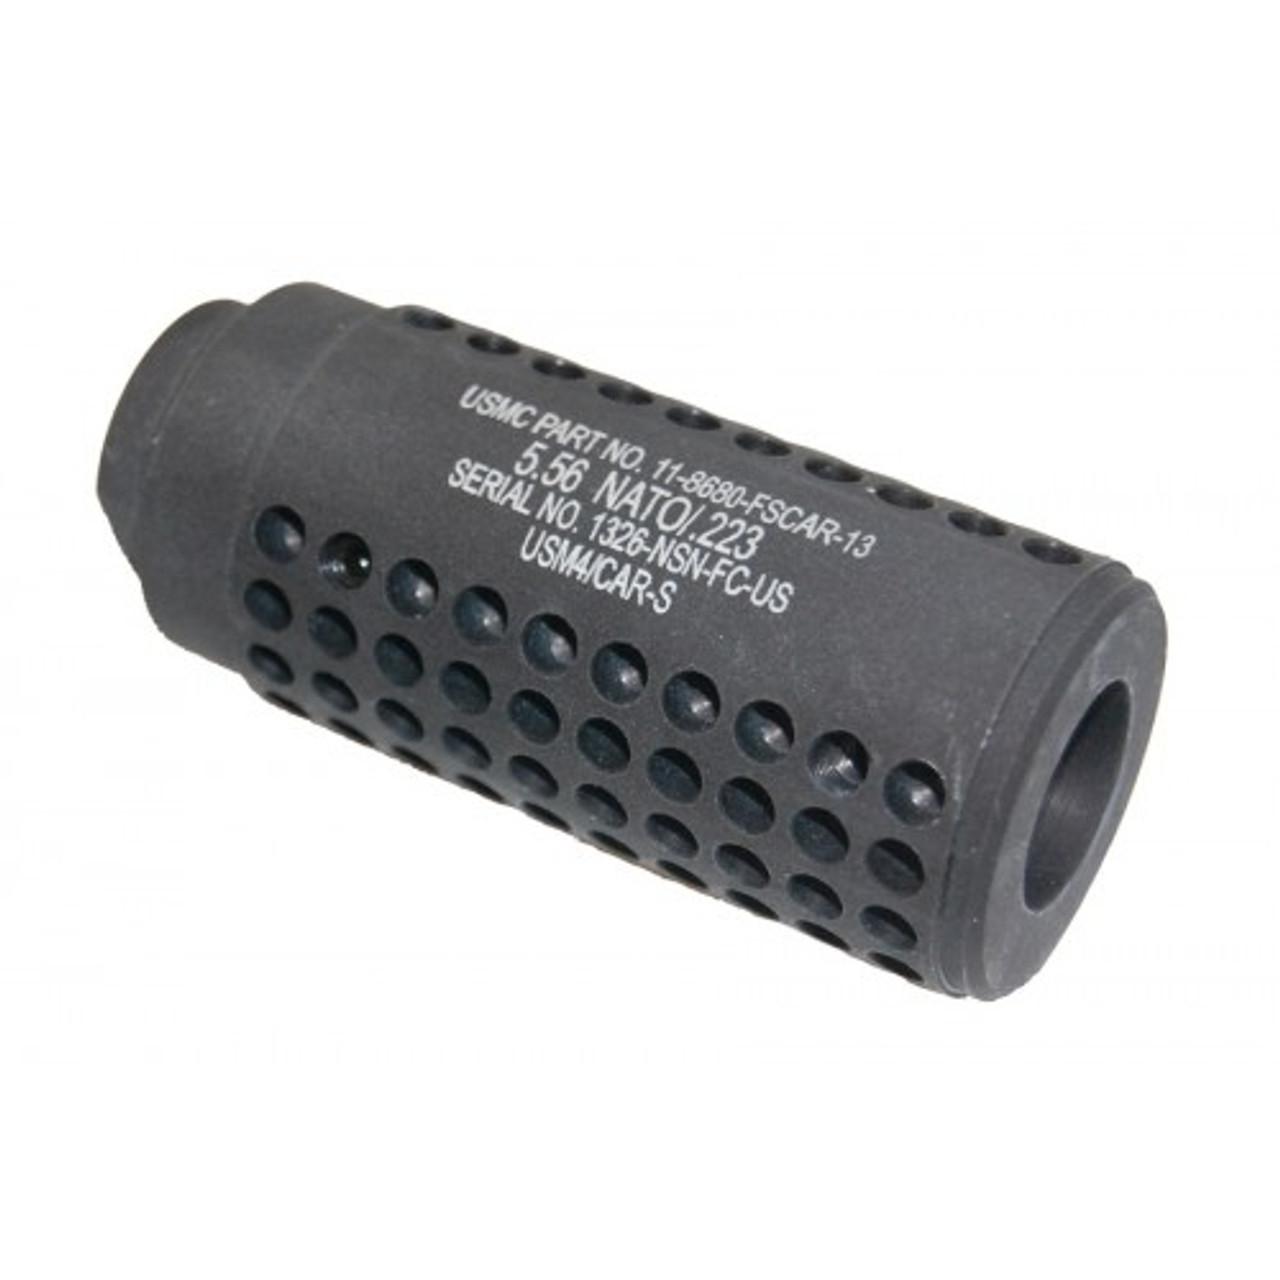 Guntec Reverse Thread Slip Over Dummy Socom Fake Suppressor Gen. 2 black for ar15